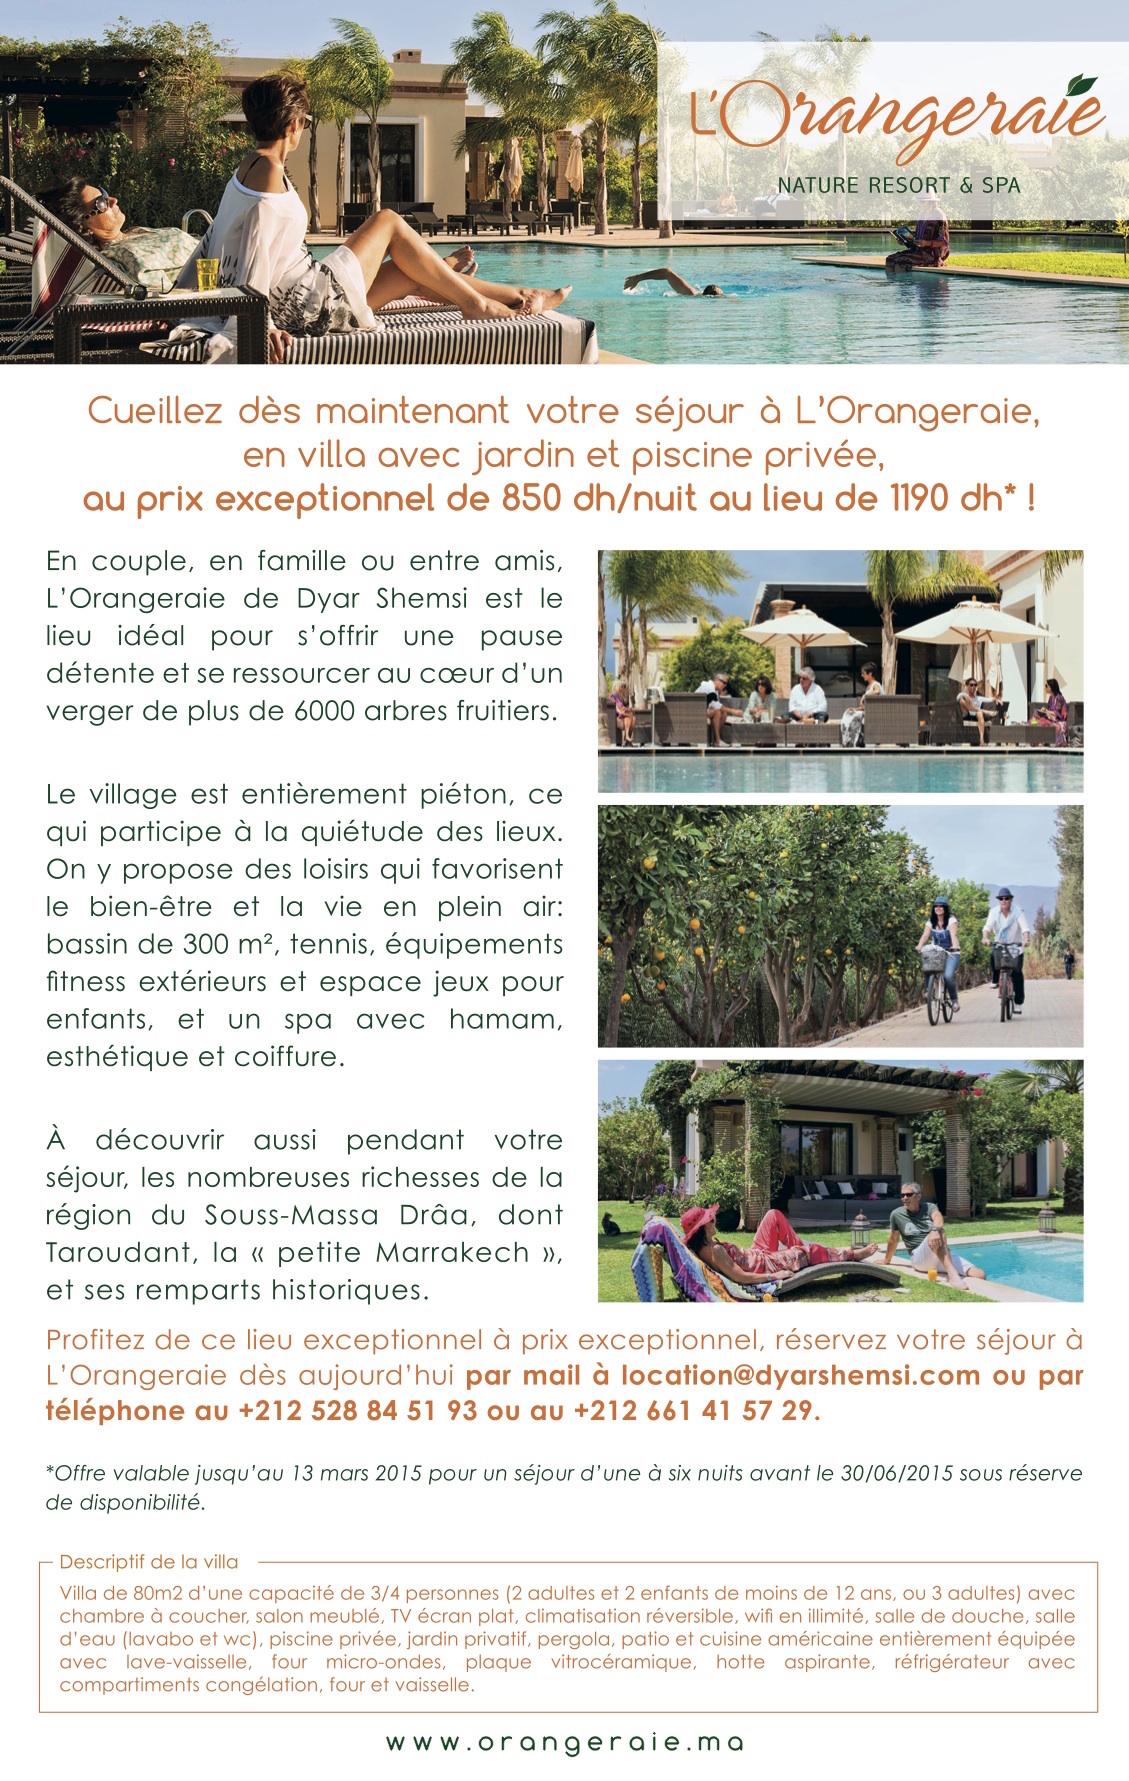 Séjour à l'Orangeraie de Dyar Shemsi à un prix exceptionnel !